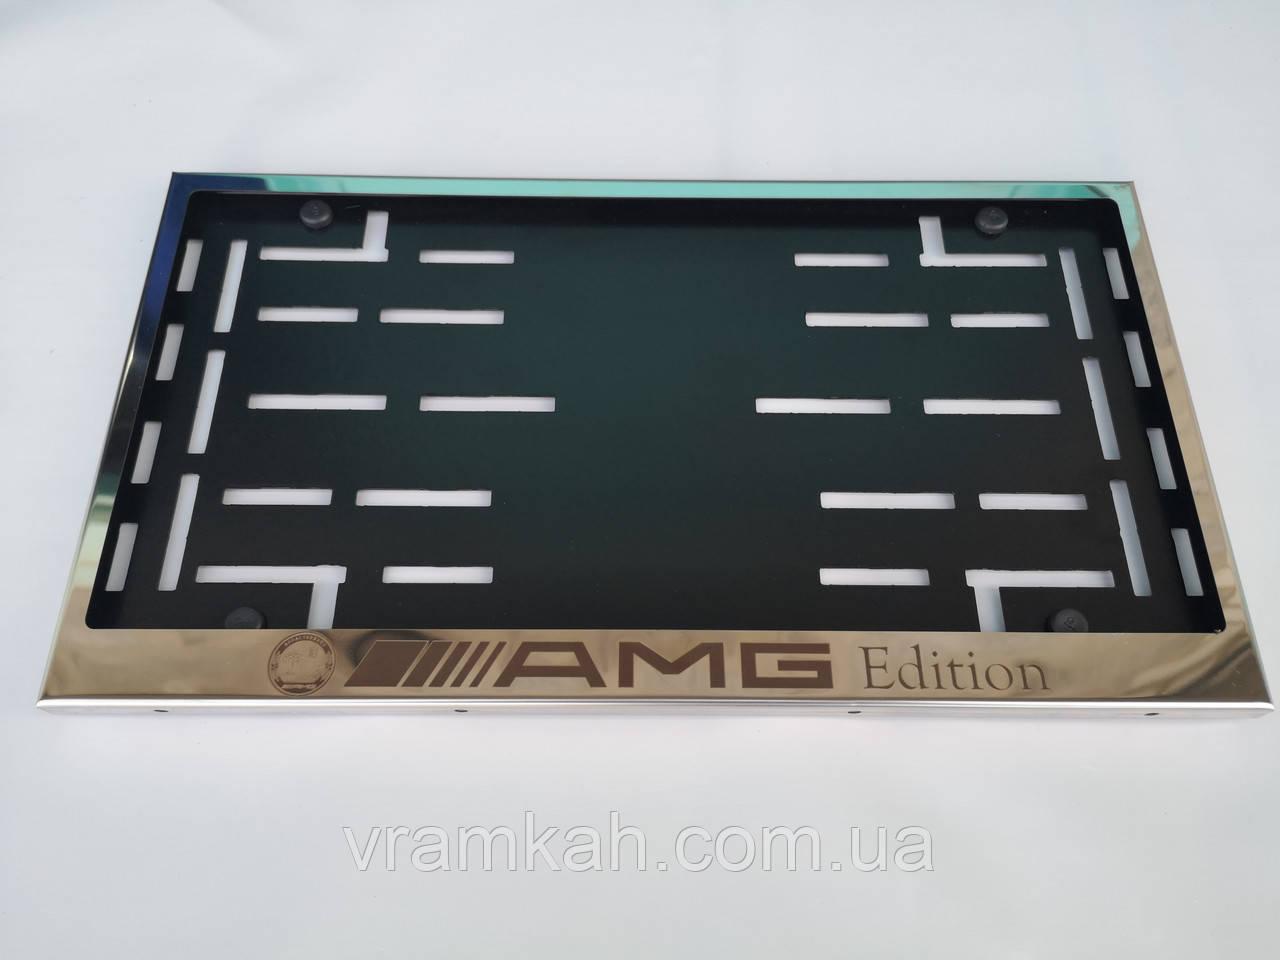 Номерная рамка для авто AMG Edition, Mercedes-Benz